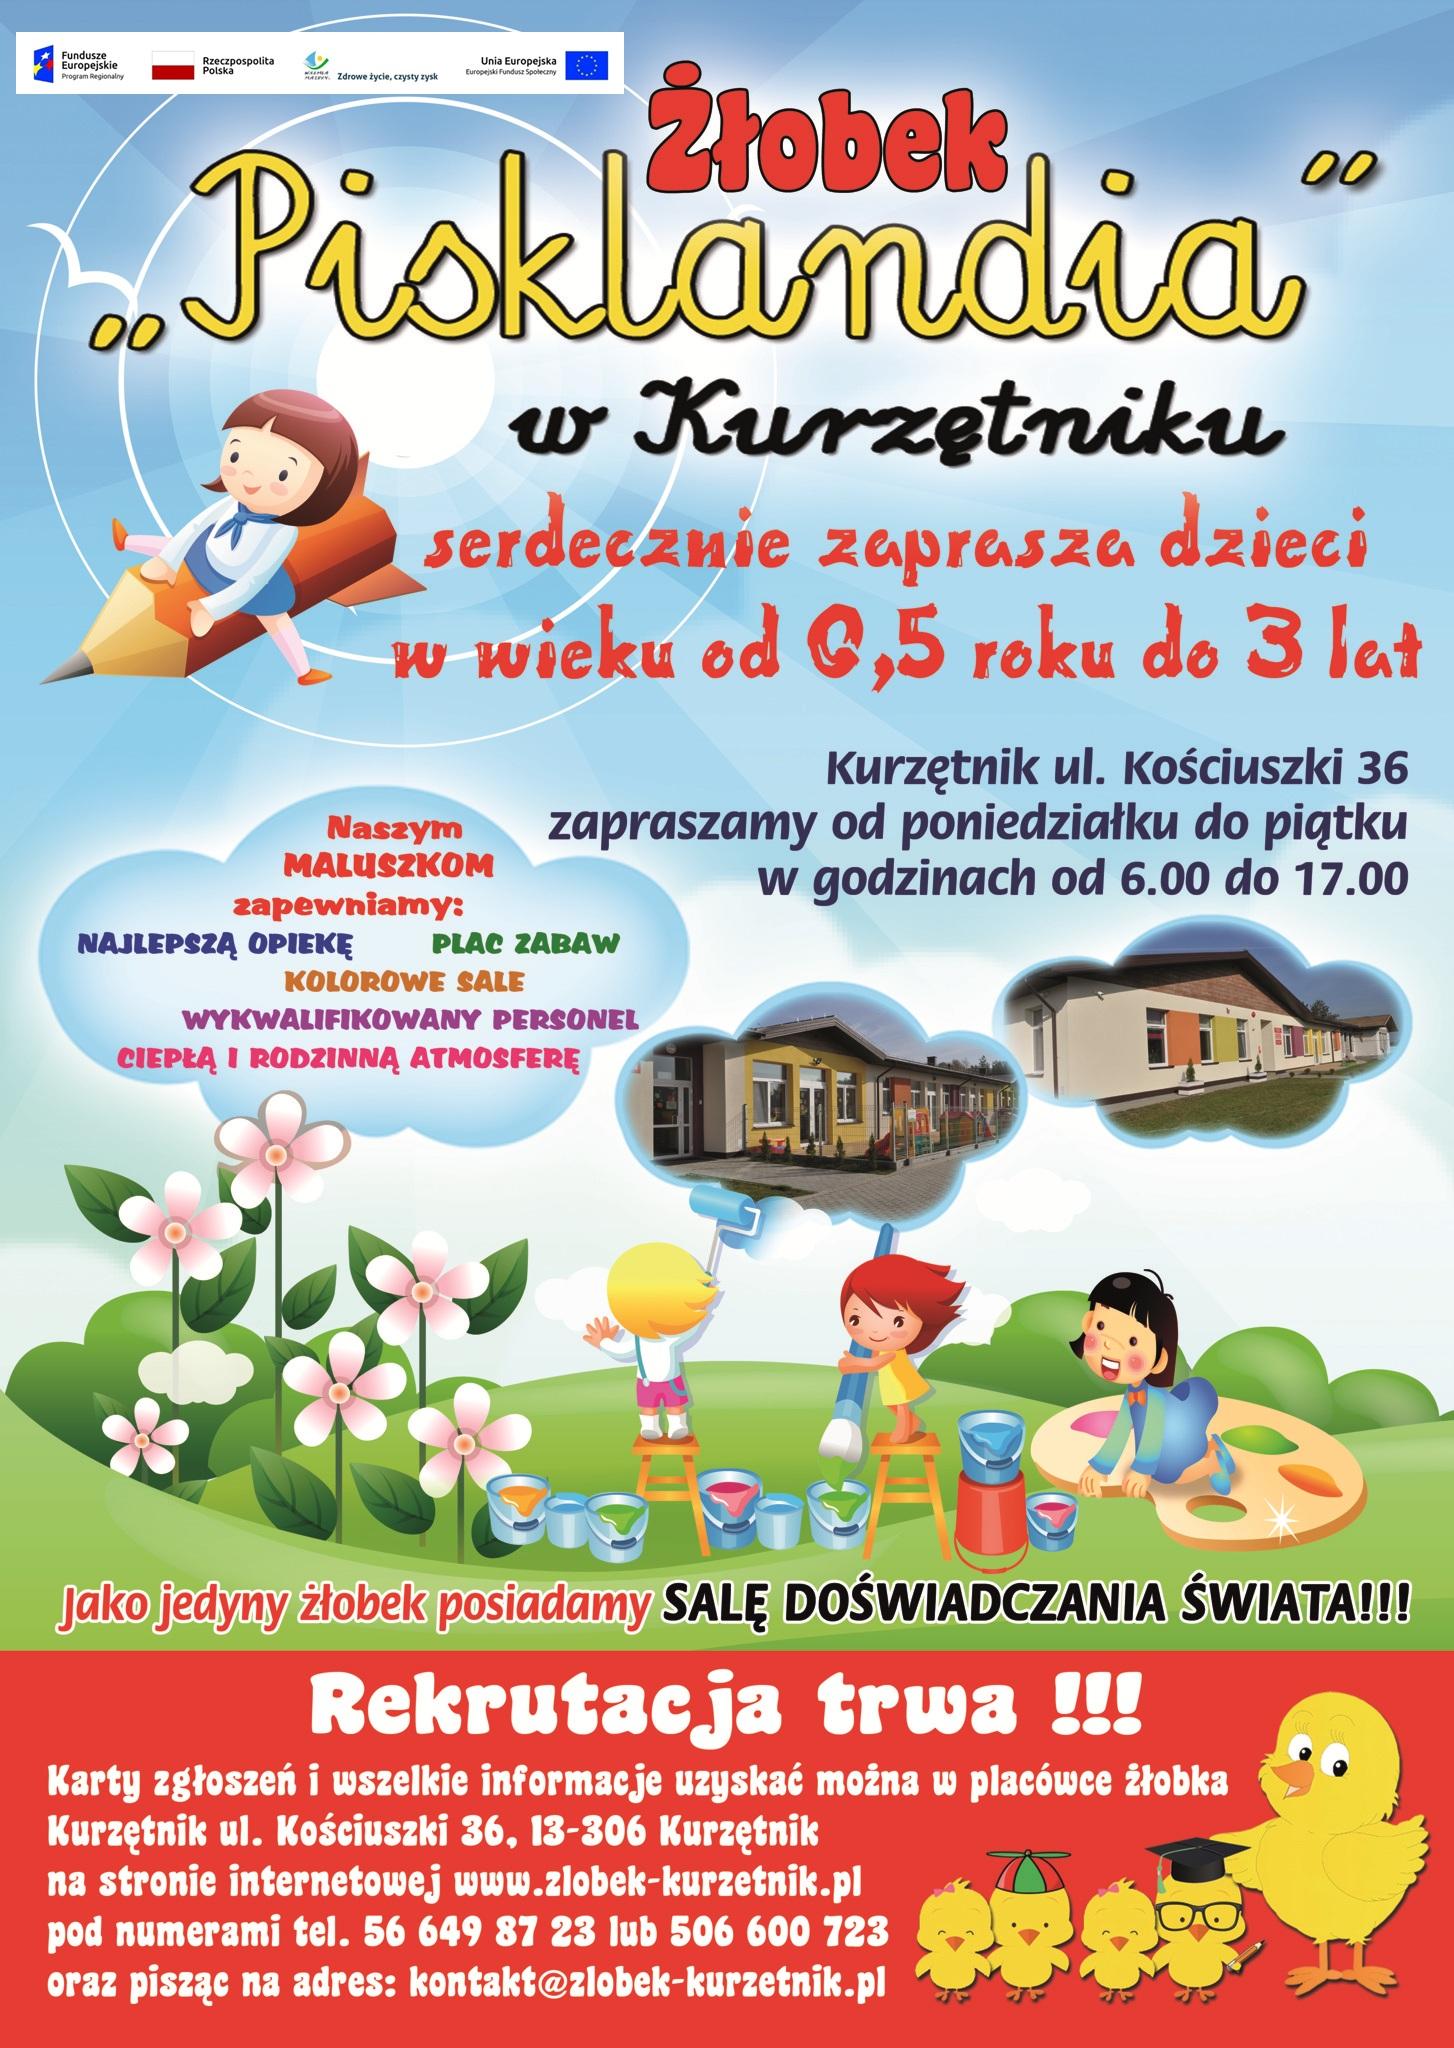 """Ilustracja do informacji:  Wolne miejsca do Żłobka ,,Pisklandia"""" rekrutacja trwa do piątku 14.08.2020 do godziny 15.00"""